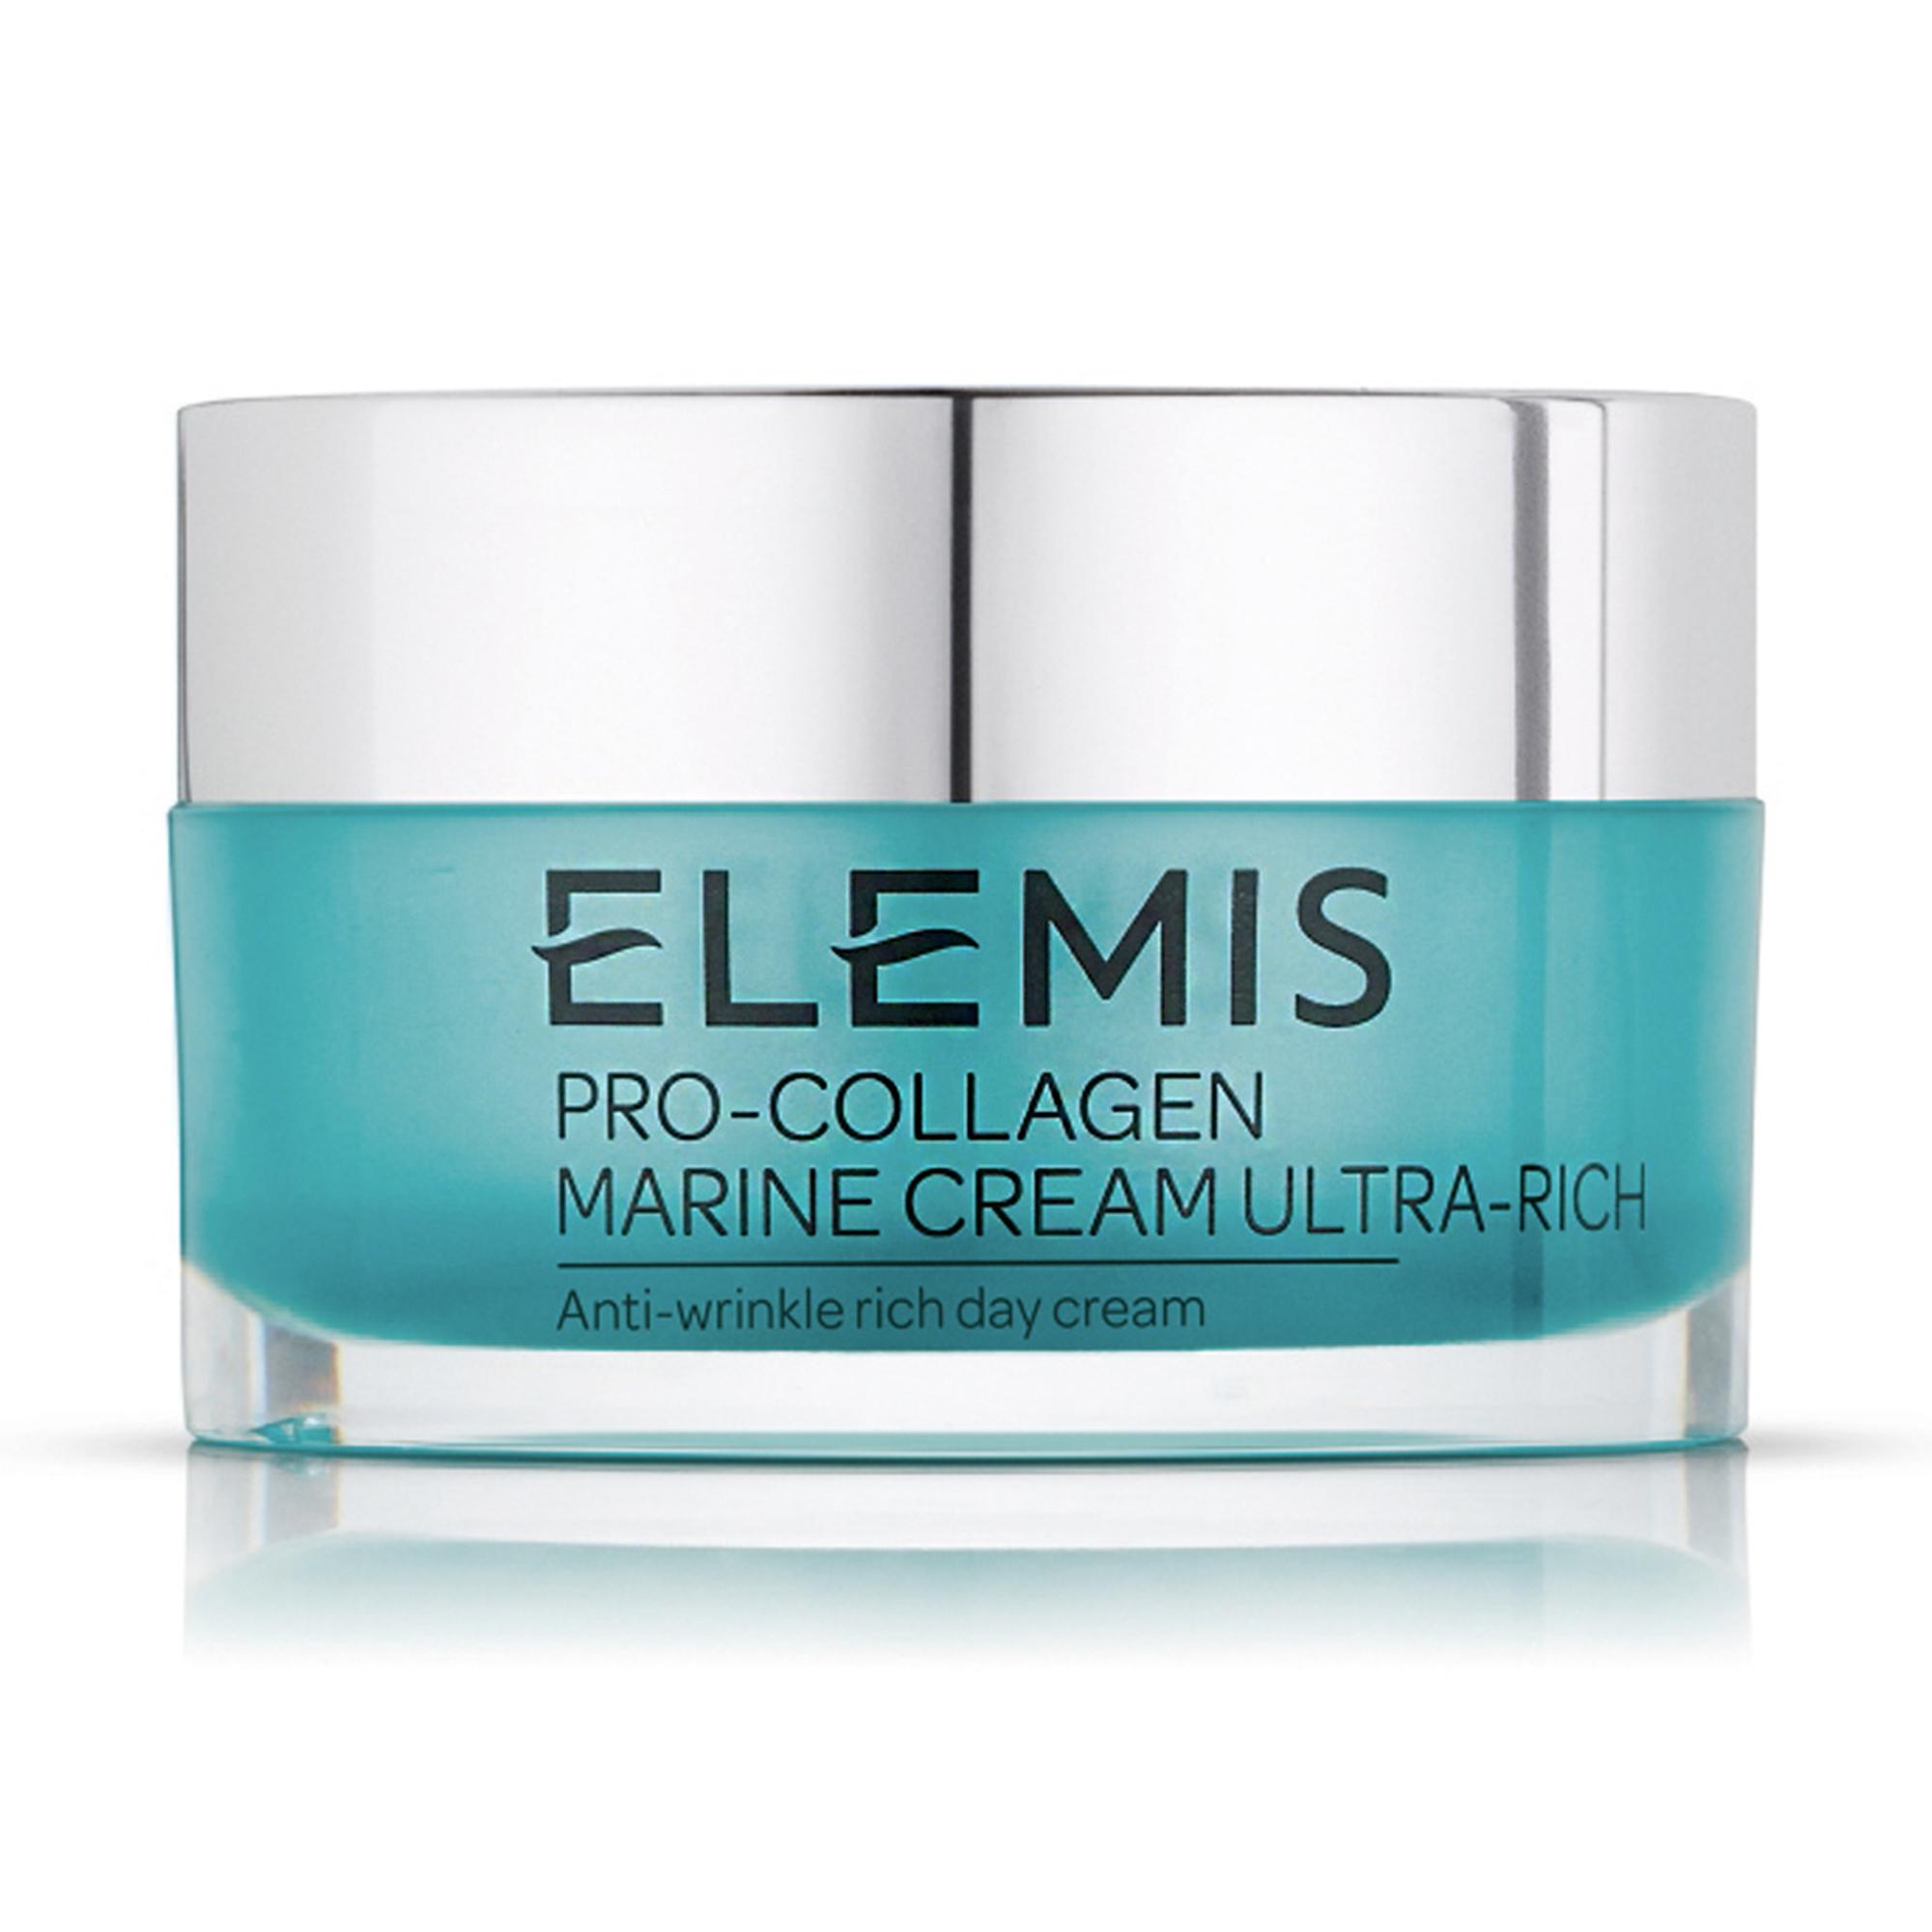 pro-collagen-marine-cream-ultra-rich